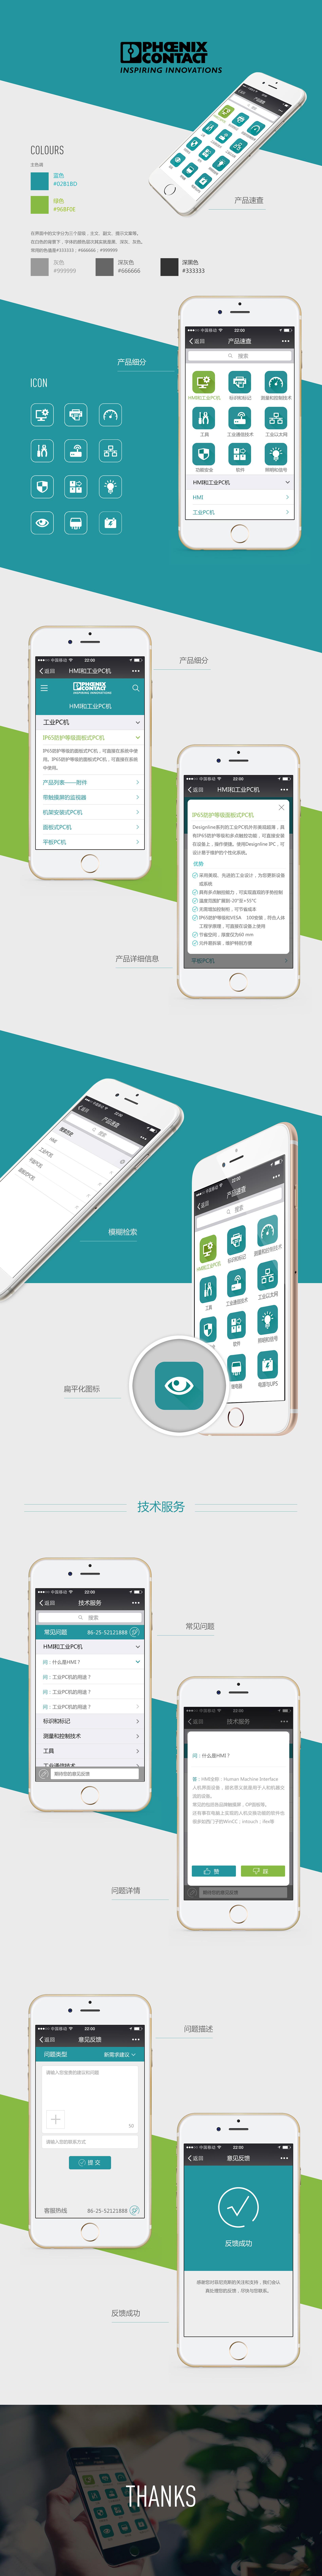 菲尼克斯電氣微信公眾號終端-深圳VI設計